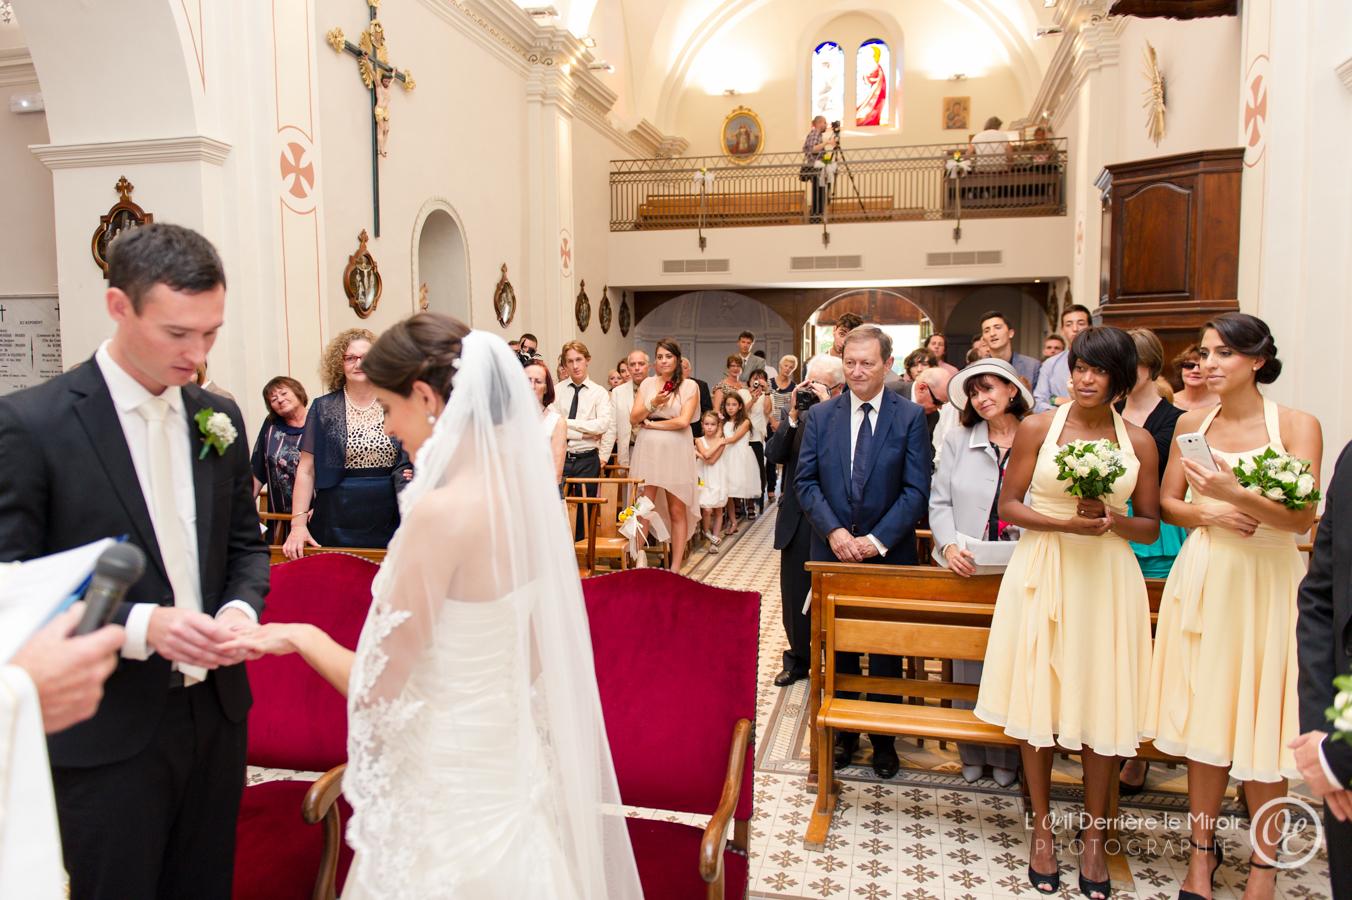 photographe-mariage-villeneuve-loubet-066